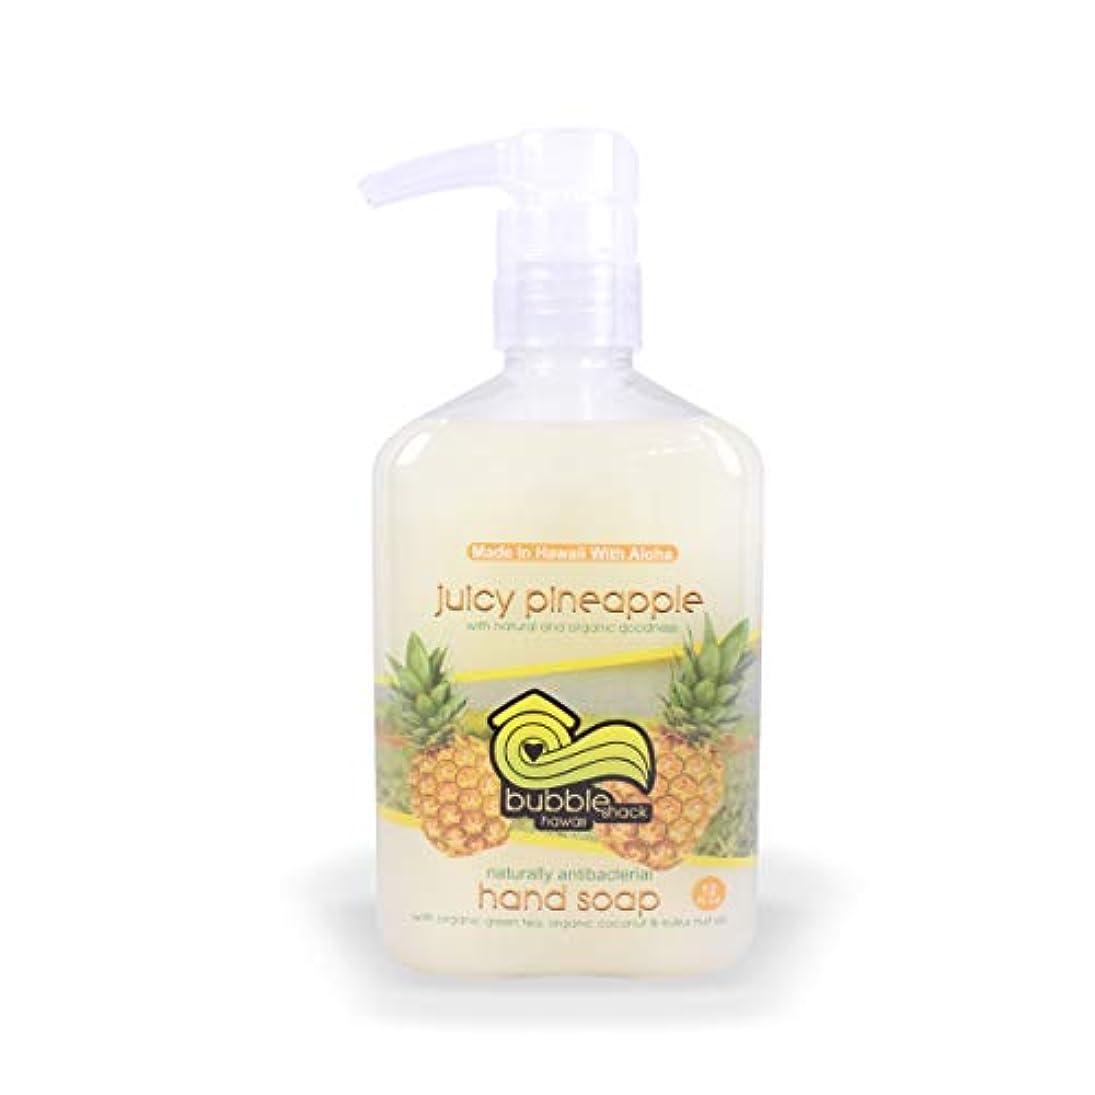 ささいな露骨なシャックル【正規輸入品】 バブルシャック?ハワイ Bubble shack Hand Soap ハンドソープ juicy pineapple ジューシーパイナップル 340ml